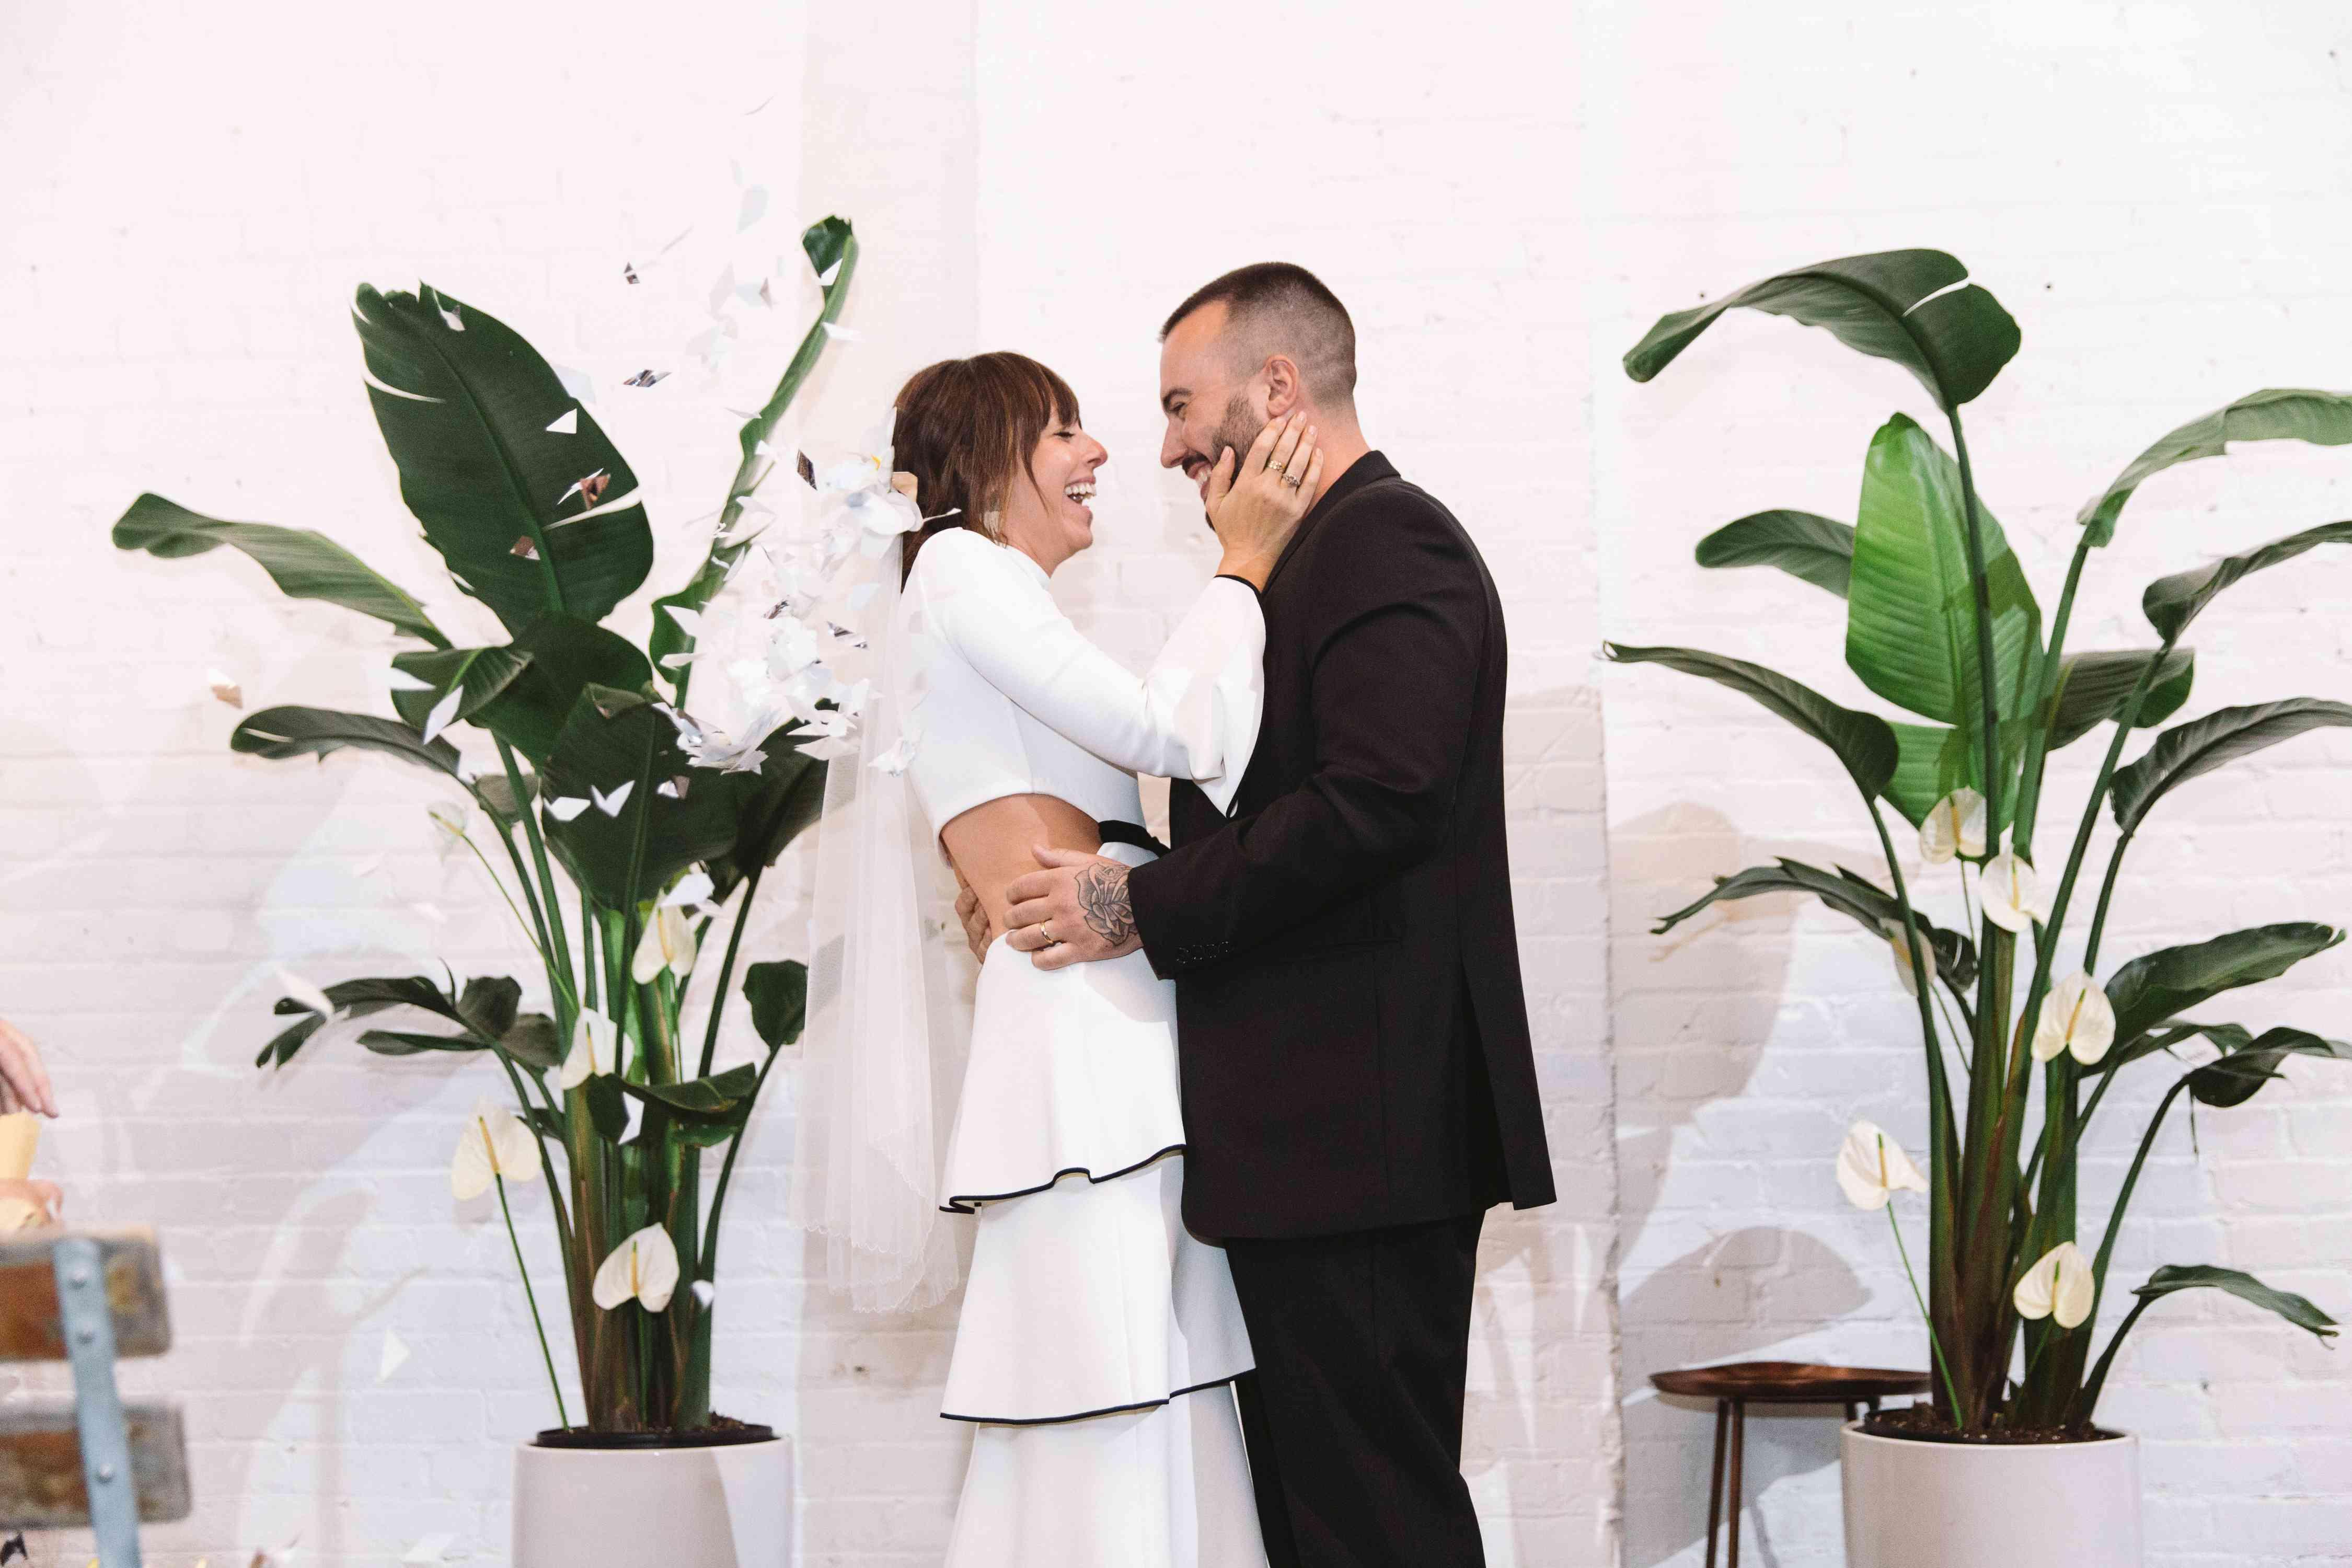 modern newlyweds